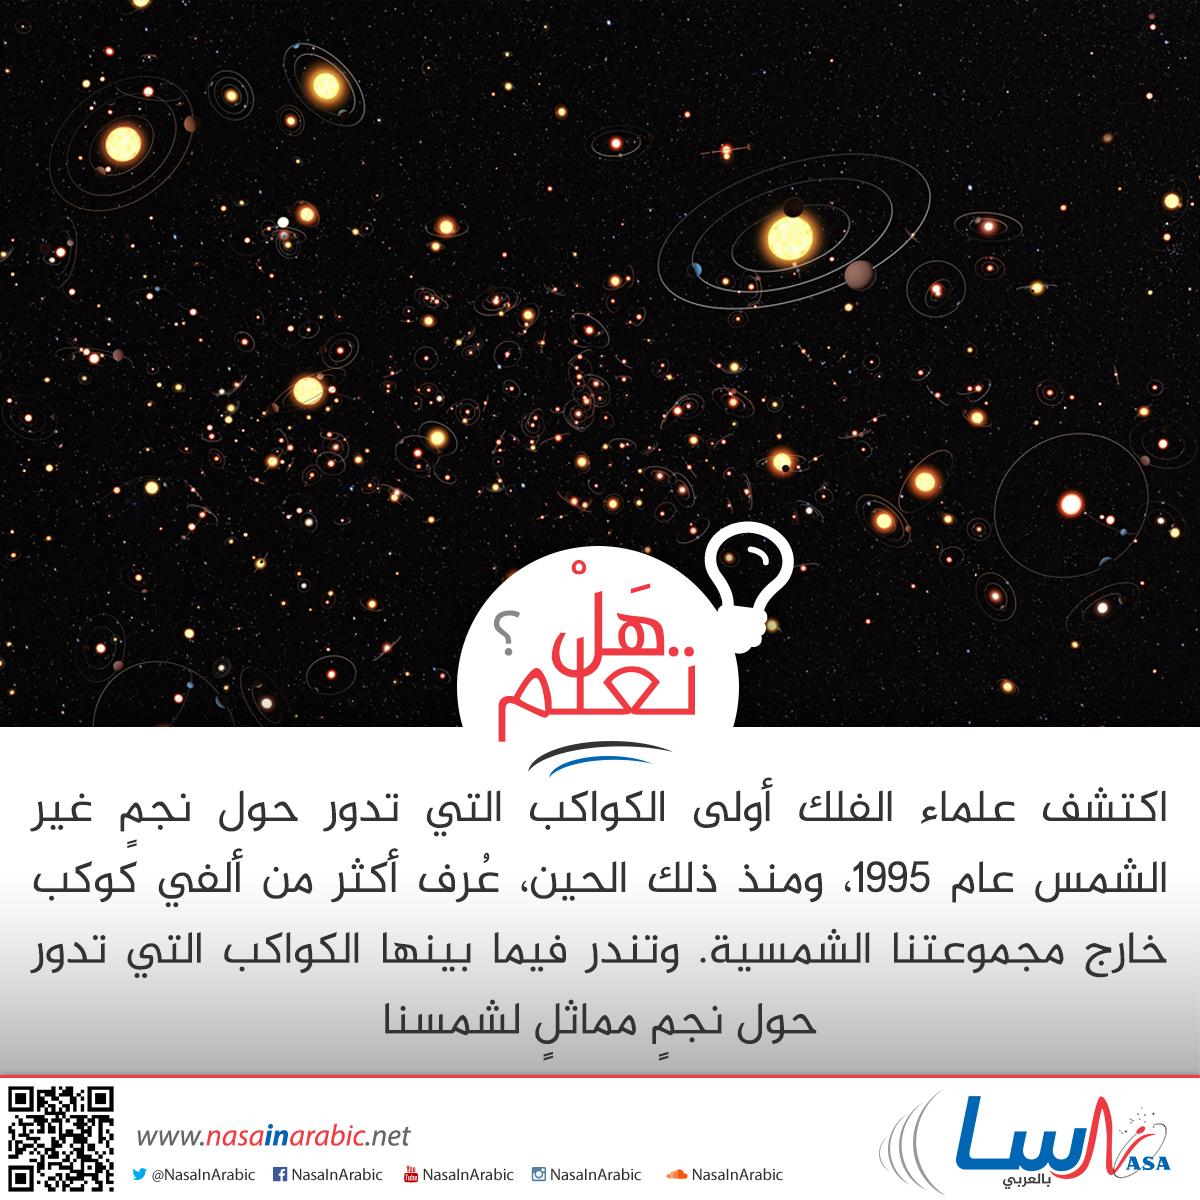 أول الكواكب التي تدور حول نجم غير الشمس